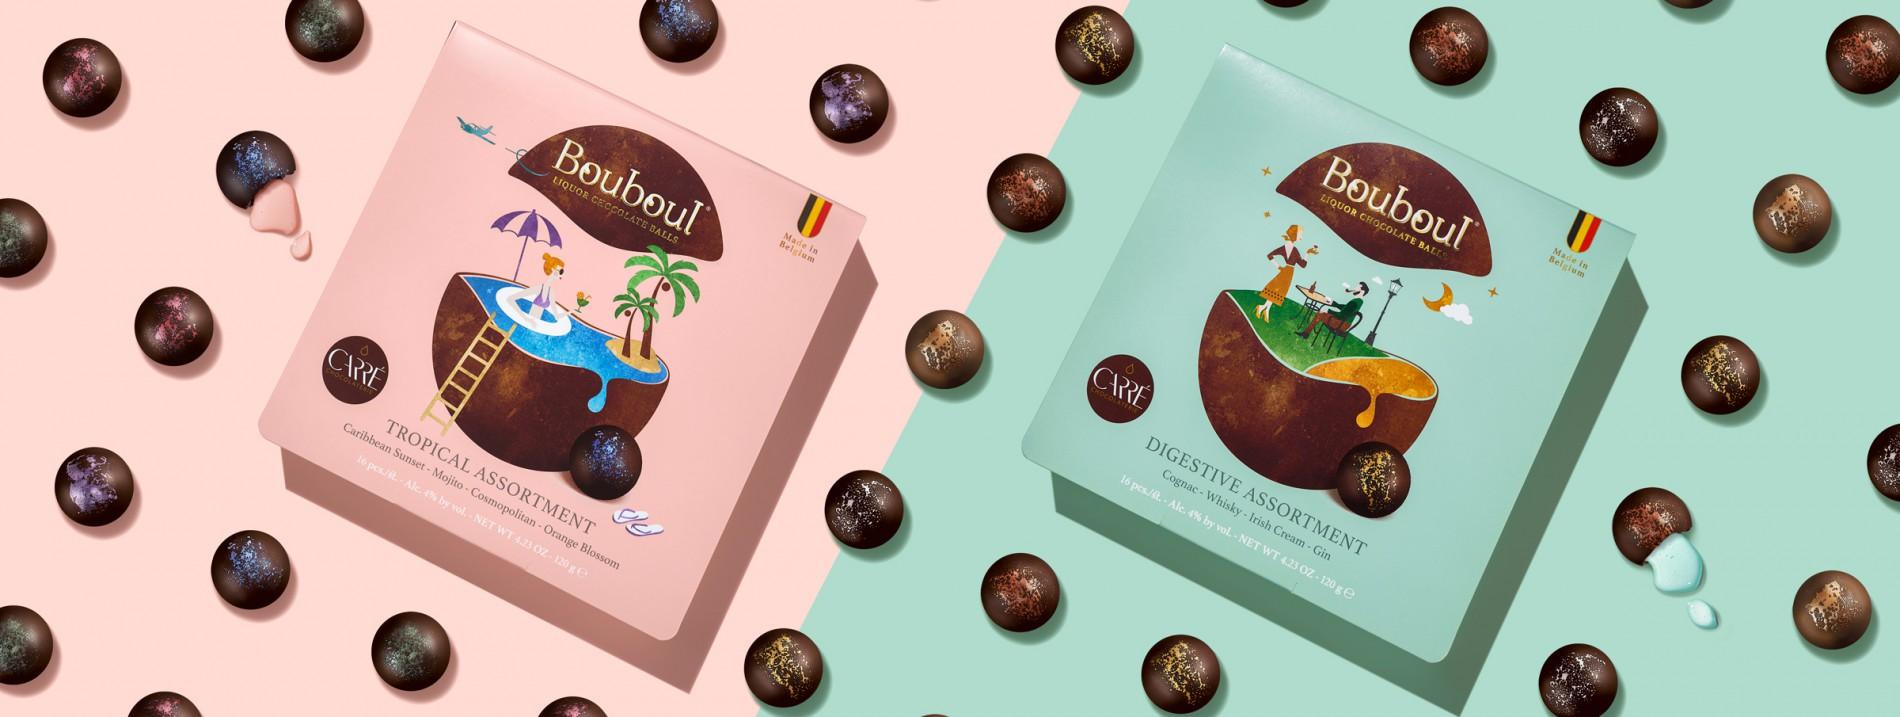 Quatre Mains package design - Package design liquor, pralines, bouboul, chocolate carré